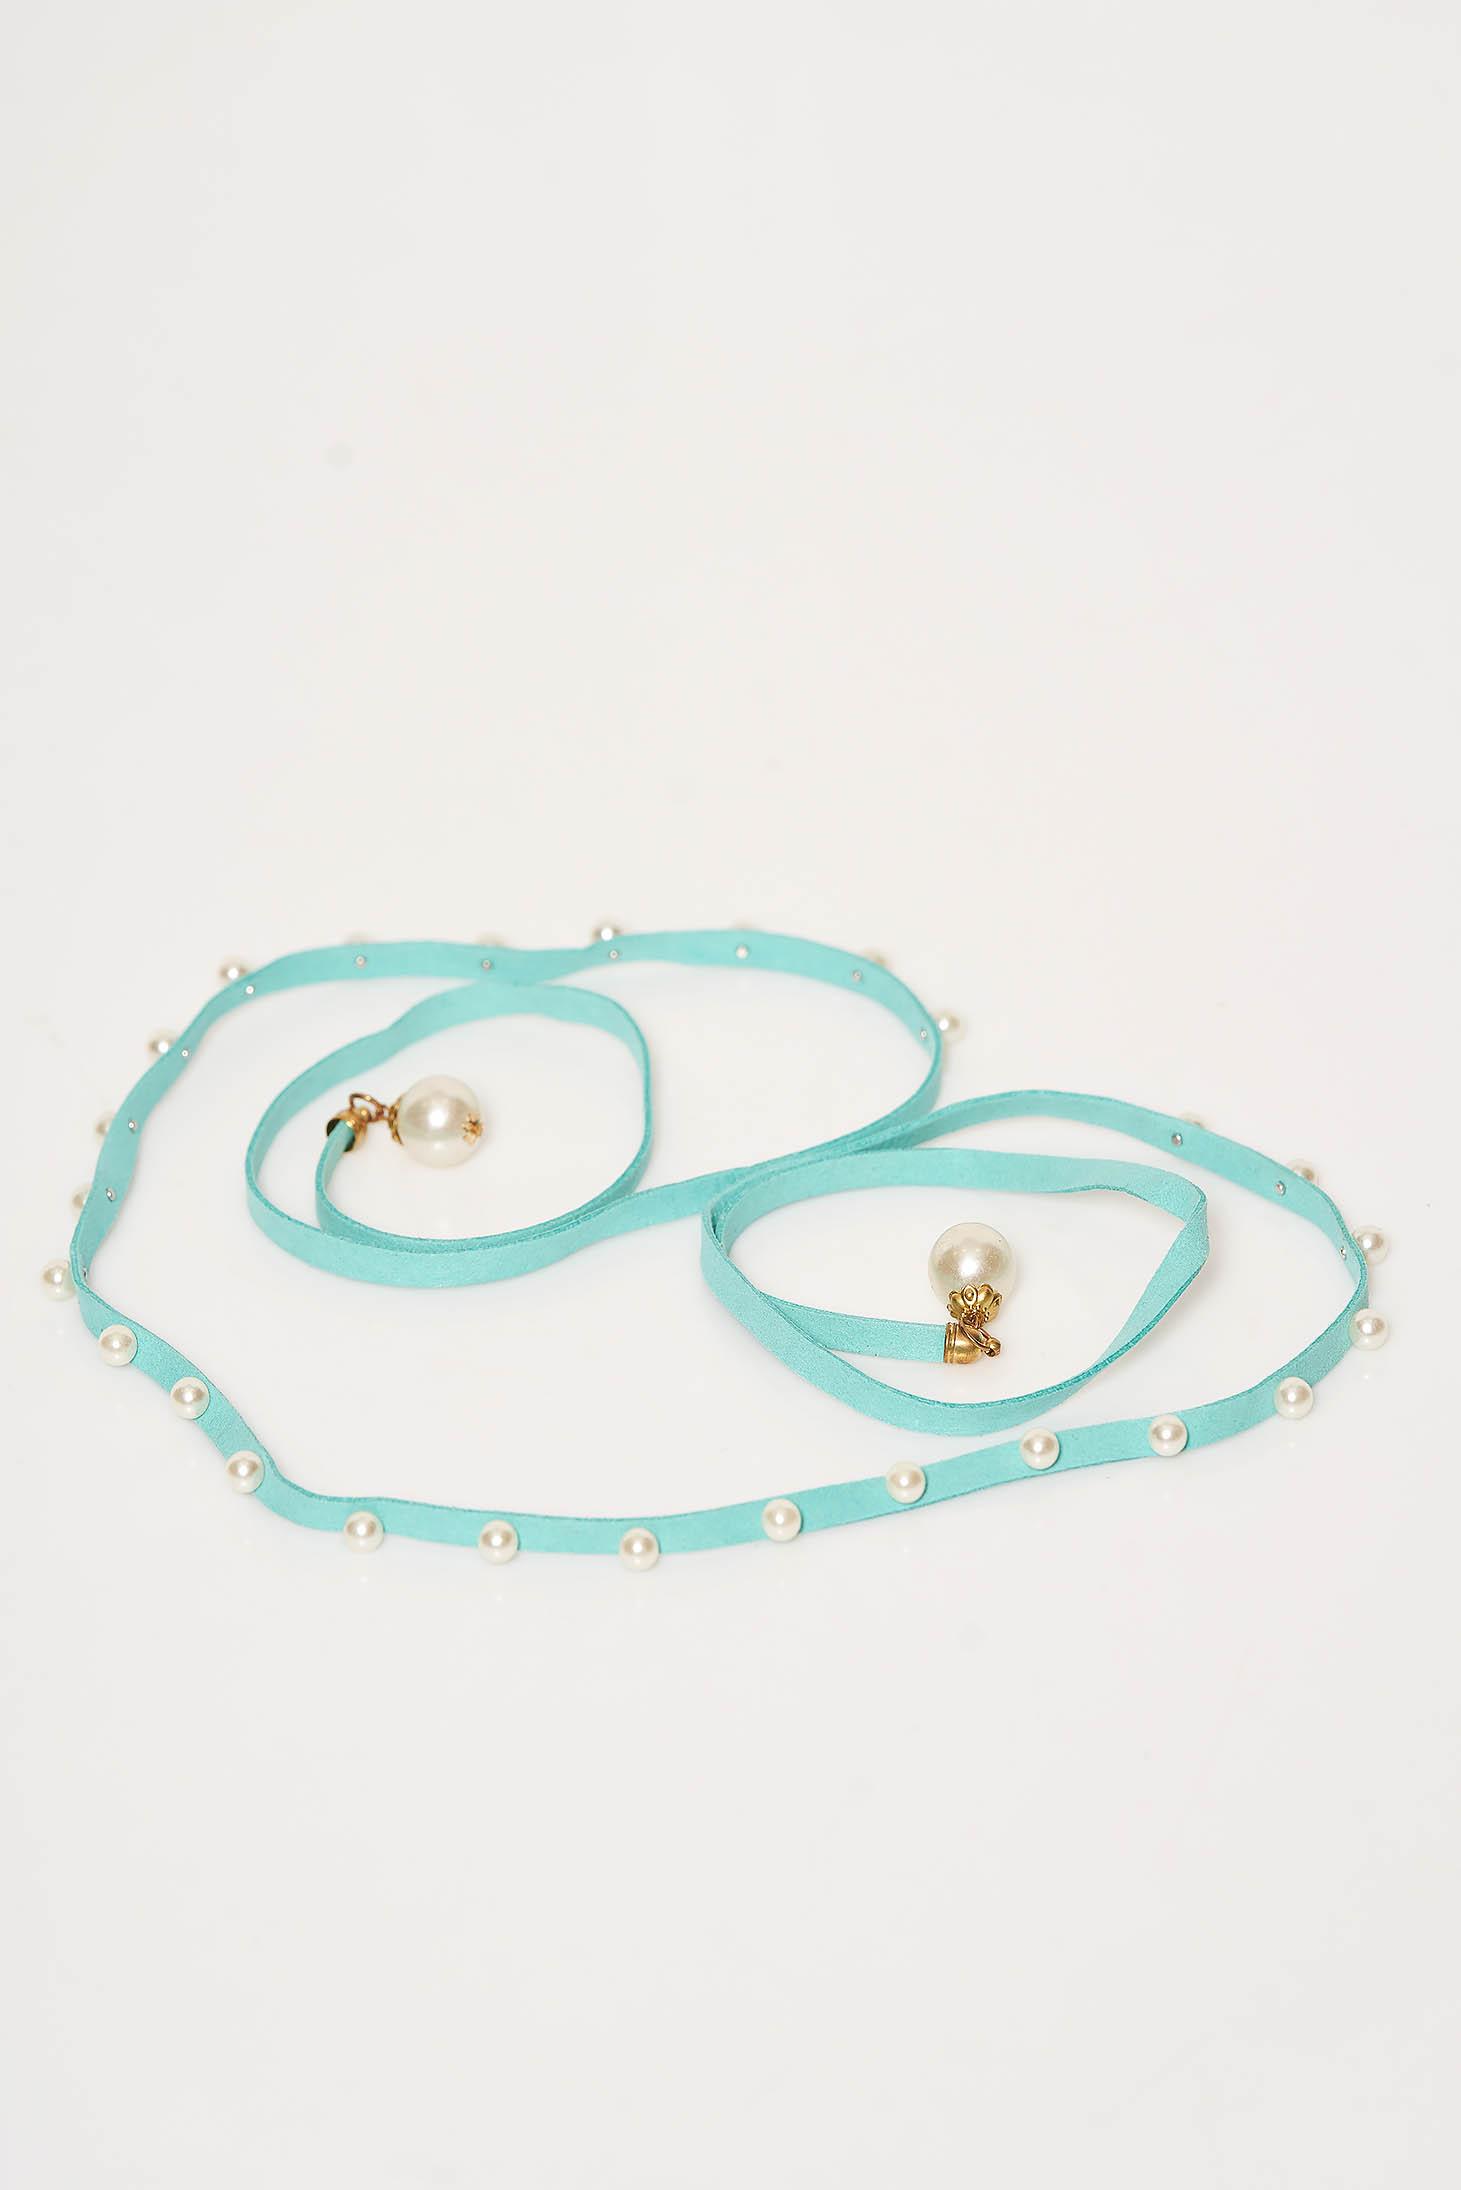 Curea StarShinerS turcoaz din piele ecologica cu aplicatii cu perle care se leaga in talie